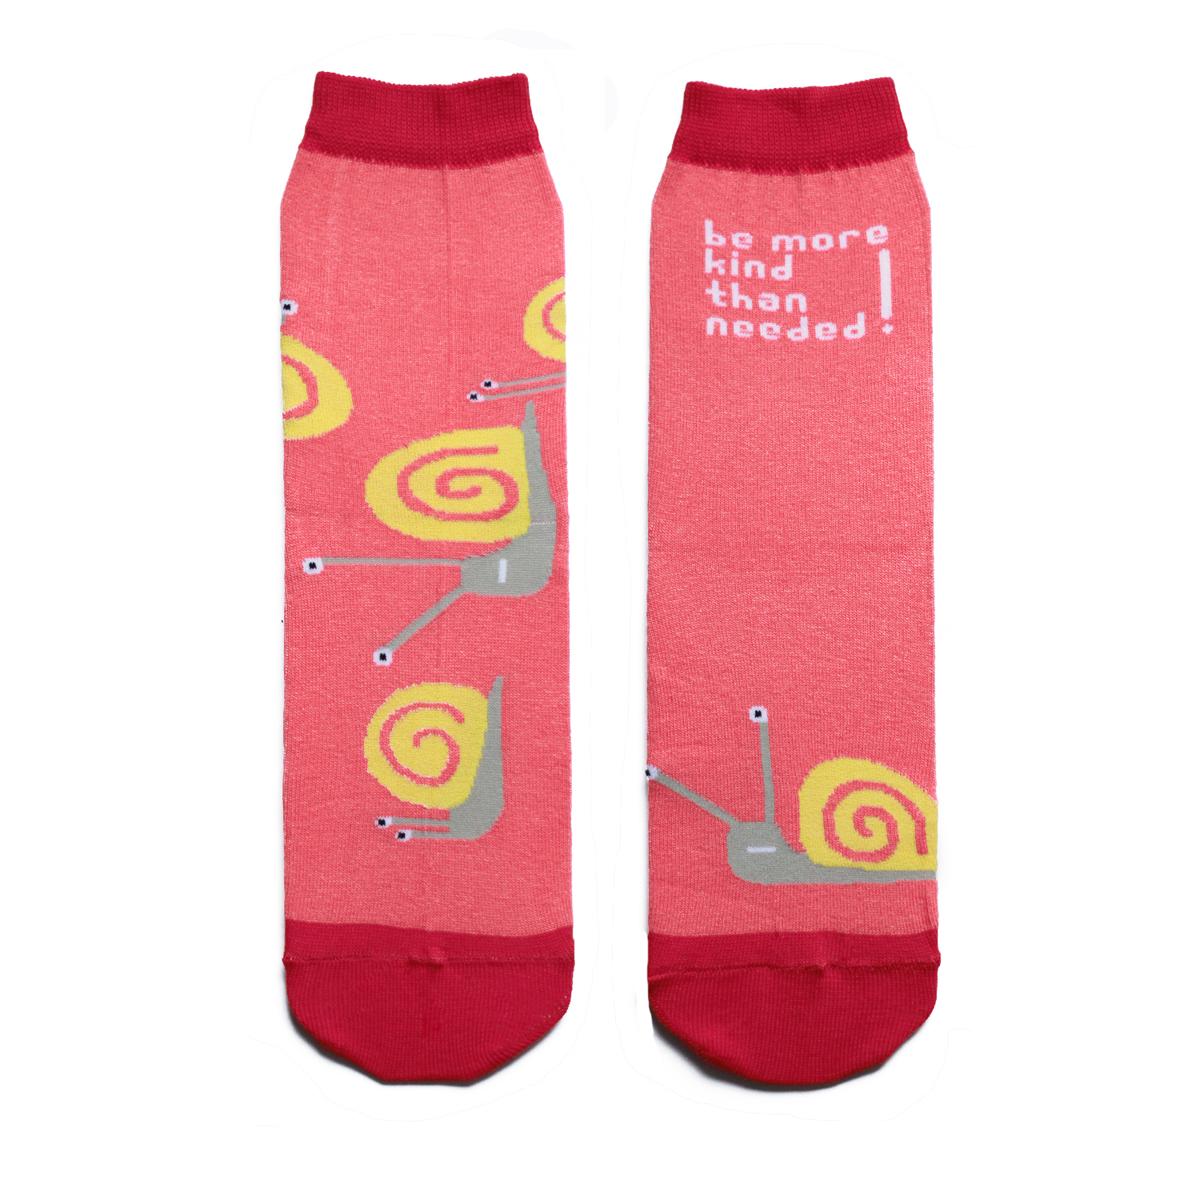 Носкиca1621Яркие женские носки Big Bang Socks изготовлены из высококачественного хлопка с добавлением полиамидных и эластановых волокон, которые обеспечивают великолепную посадку. Носки отличаются ярким стильным дизайном, они оформлены изображением забавных улиток и надписью: Be more kind than needed!. Удобная резинка идеально облегает ногу и не пережимает сосуды, усиленные пятка и мысок повышают износоустойчивость носка, а удлиненный паголенок придает более эстетичный вид. Дизайнерские носки Big Bang Socks - яркая деталь в вашем образе и оригинальный подарок для друзей и близких.